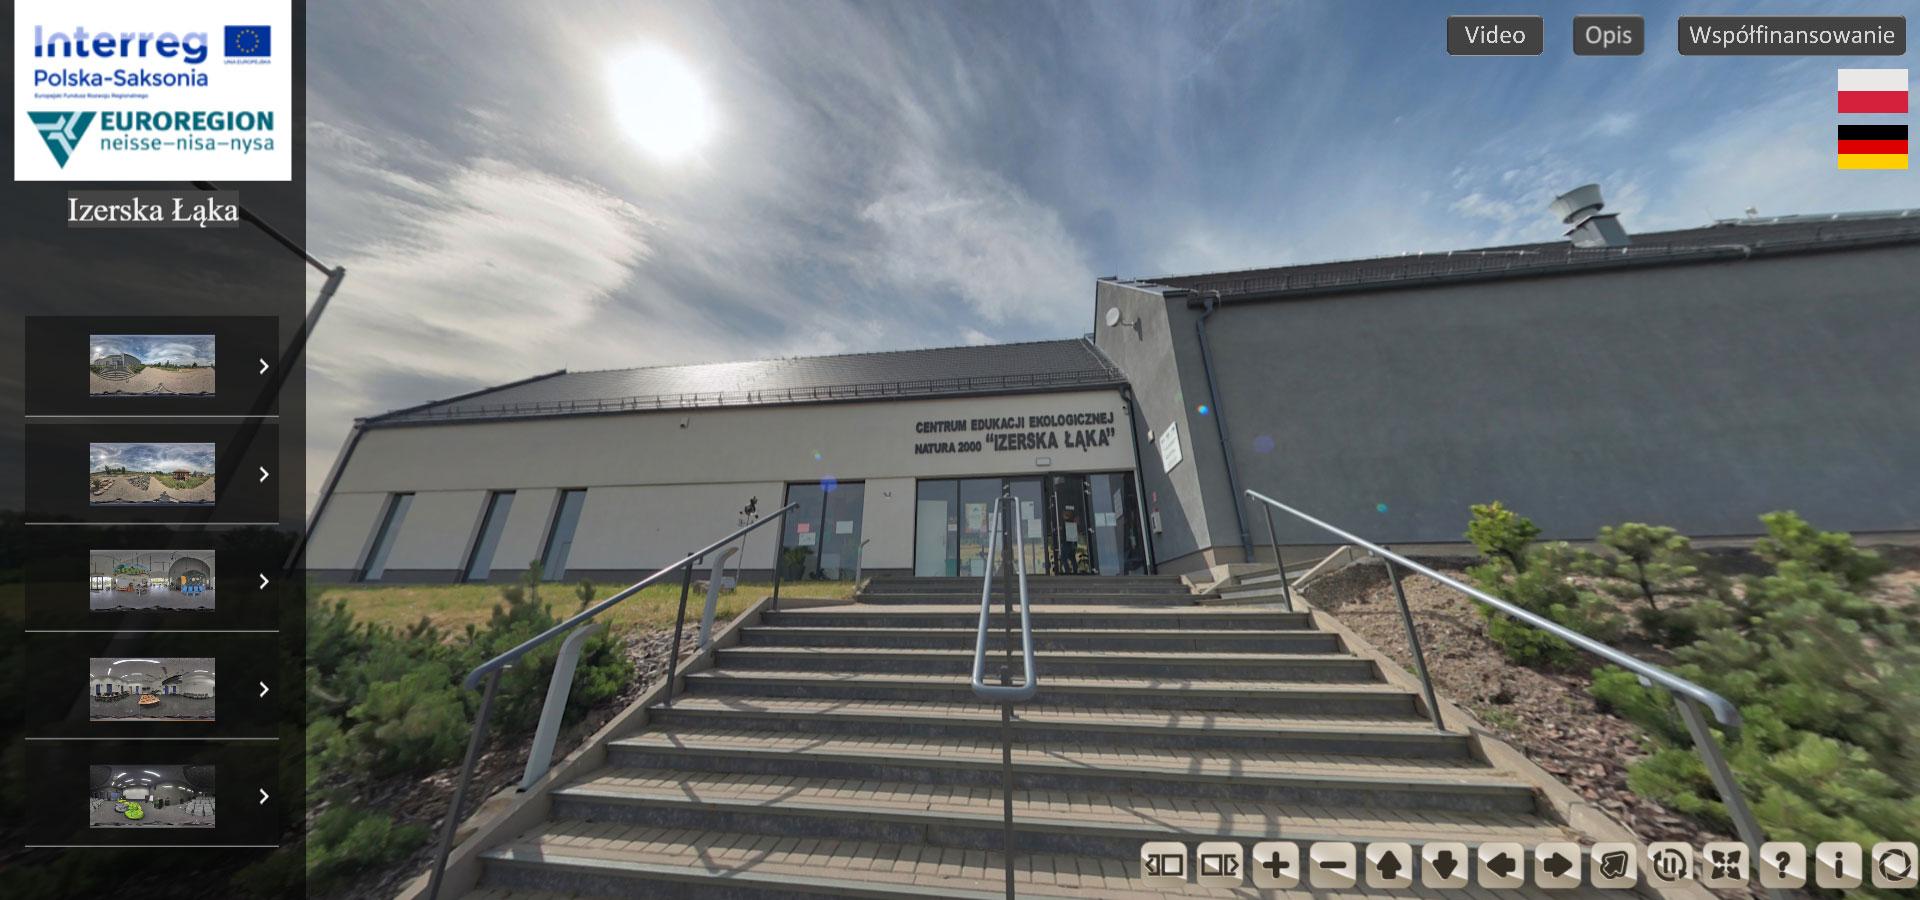 Centrum-Edukacji-Ekologicznej-Izerska-Łąka